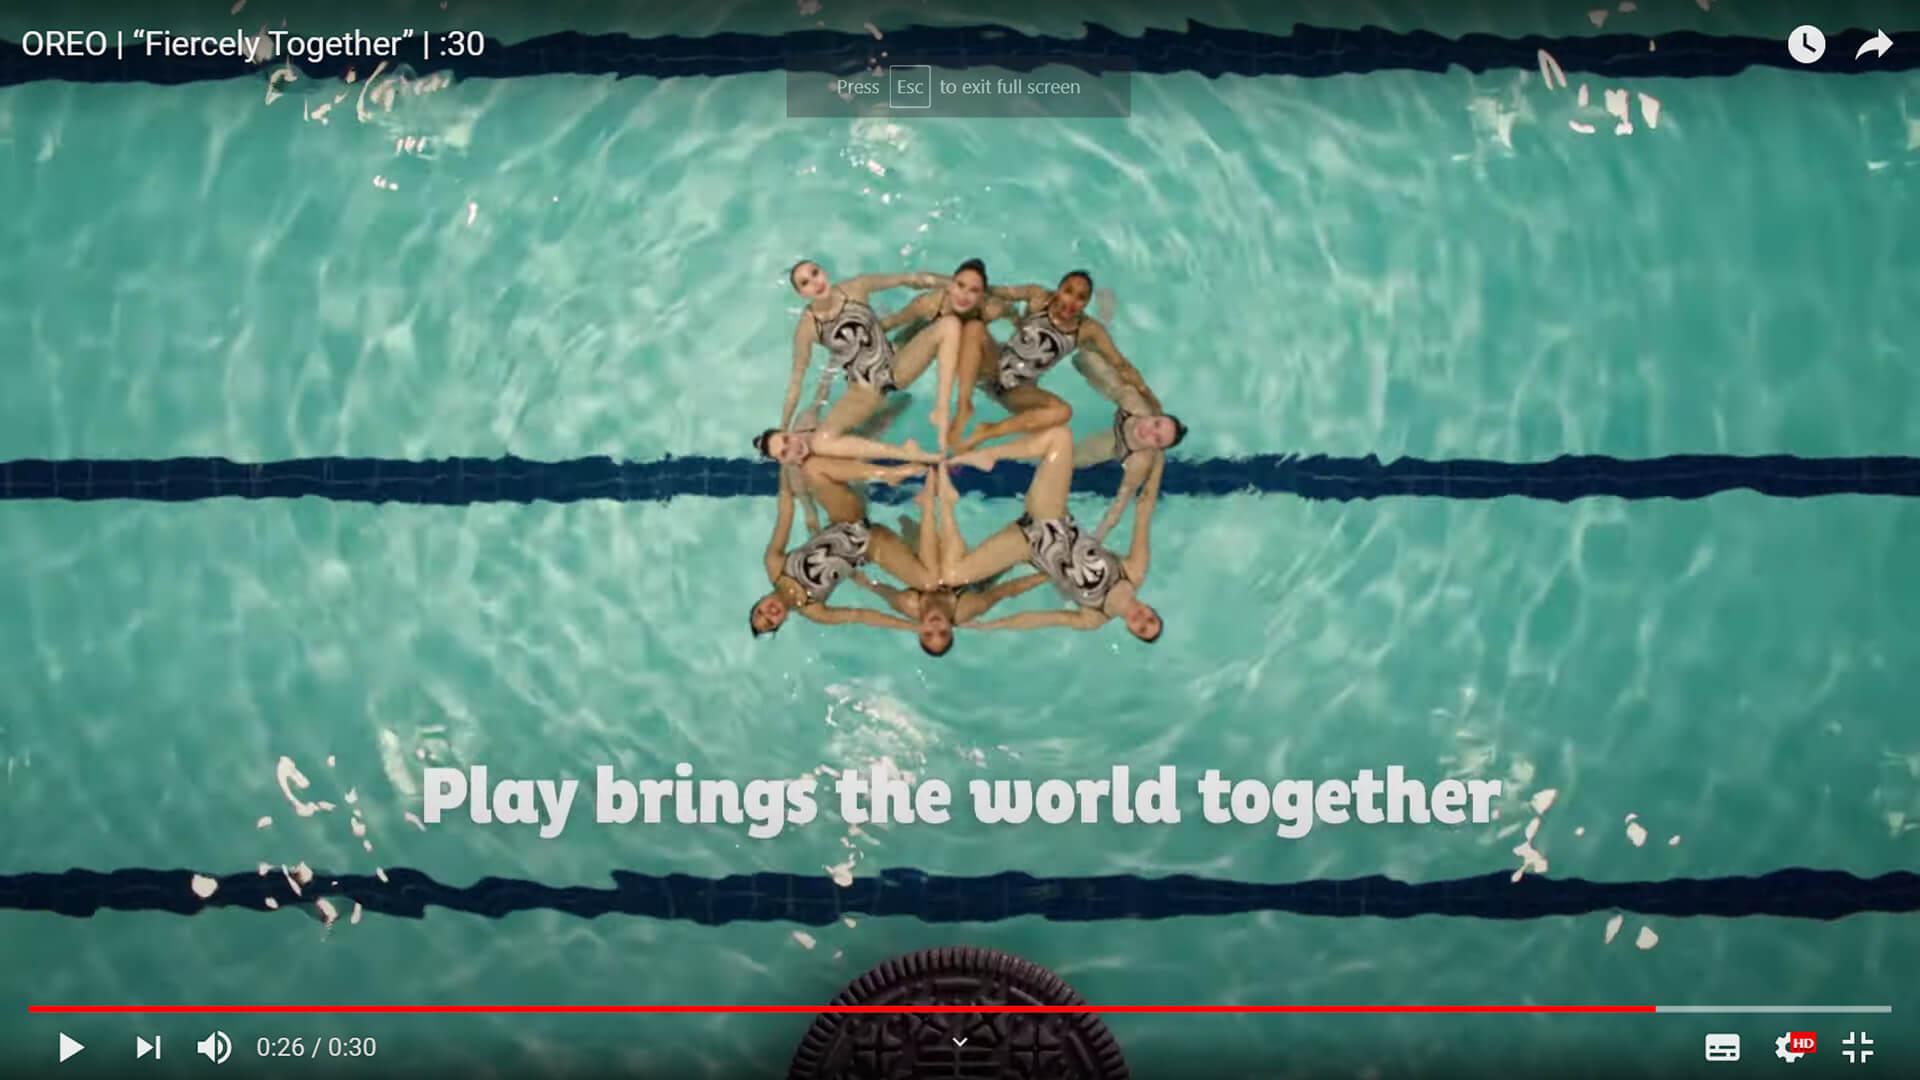 OREO YouTube Ad